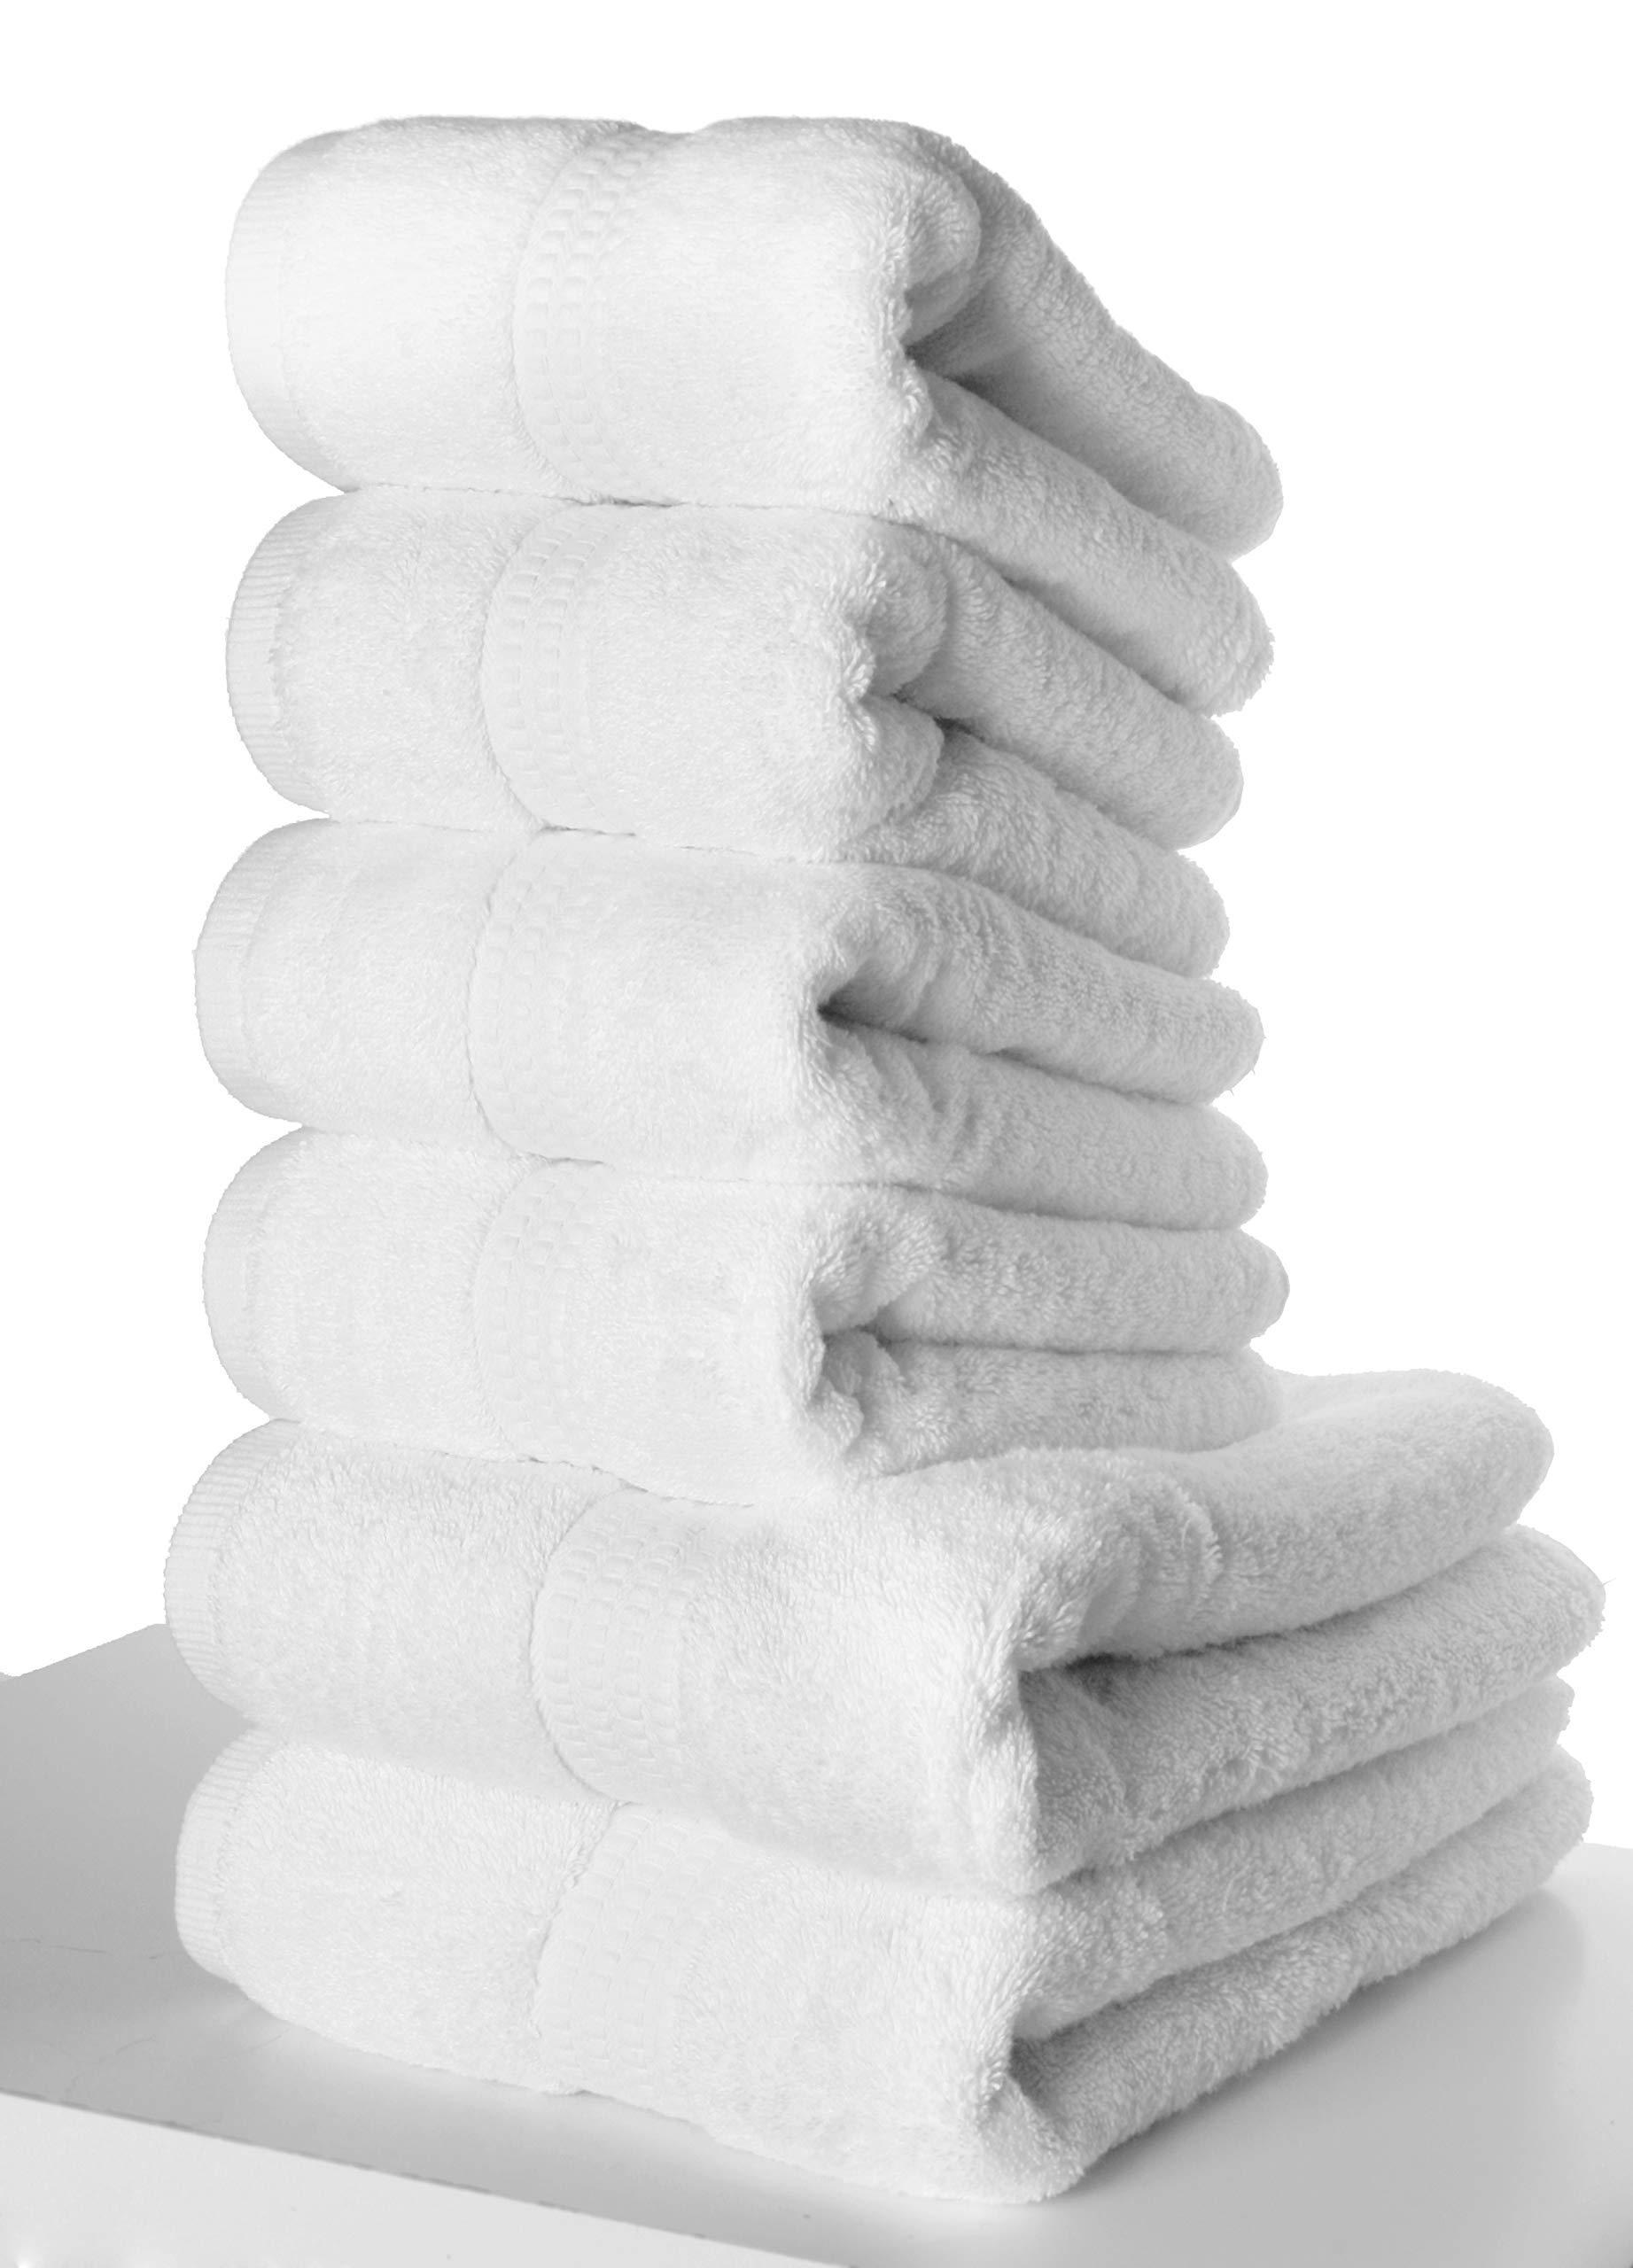 PimpamTex – Juego de Toallas Premium 700 Gramos de Secado Rápido para Baño, 100% Algodón, Pack Toallas de Baño + Toallas de Mano – (Blanco, 2 de 70x140 cm + 4 de 50x100 cm): Amazon.es: Hogar